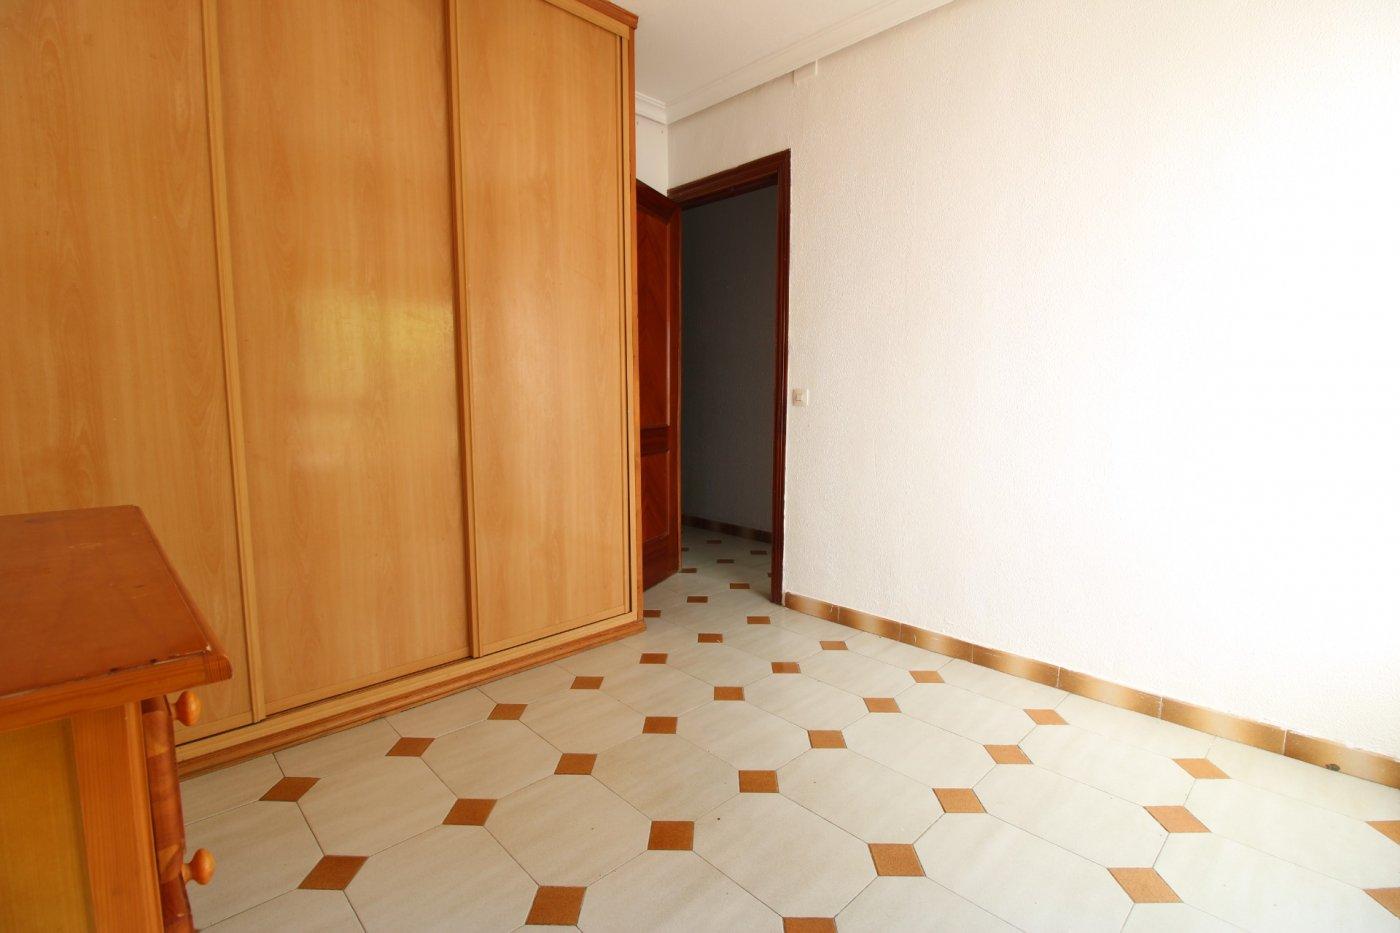 Piso a la venta en sevilla zona carretera carmona - imagenInmueble22